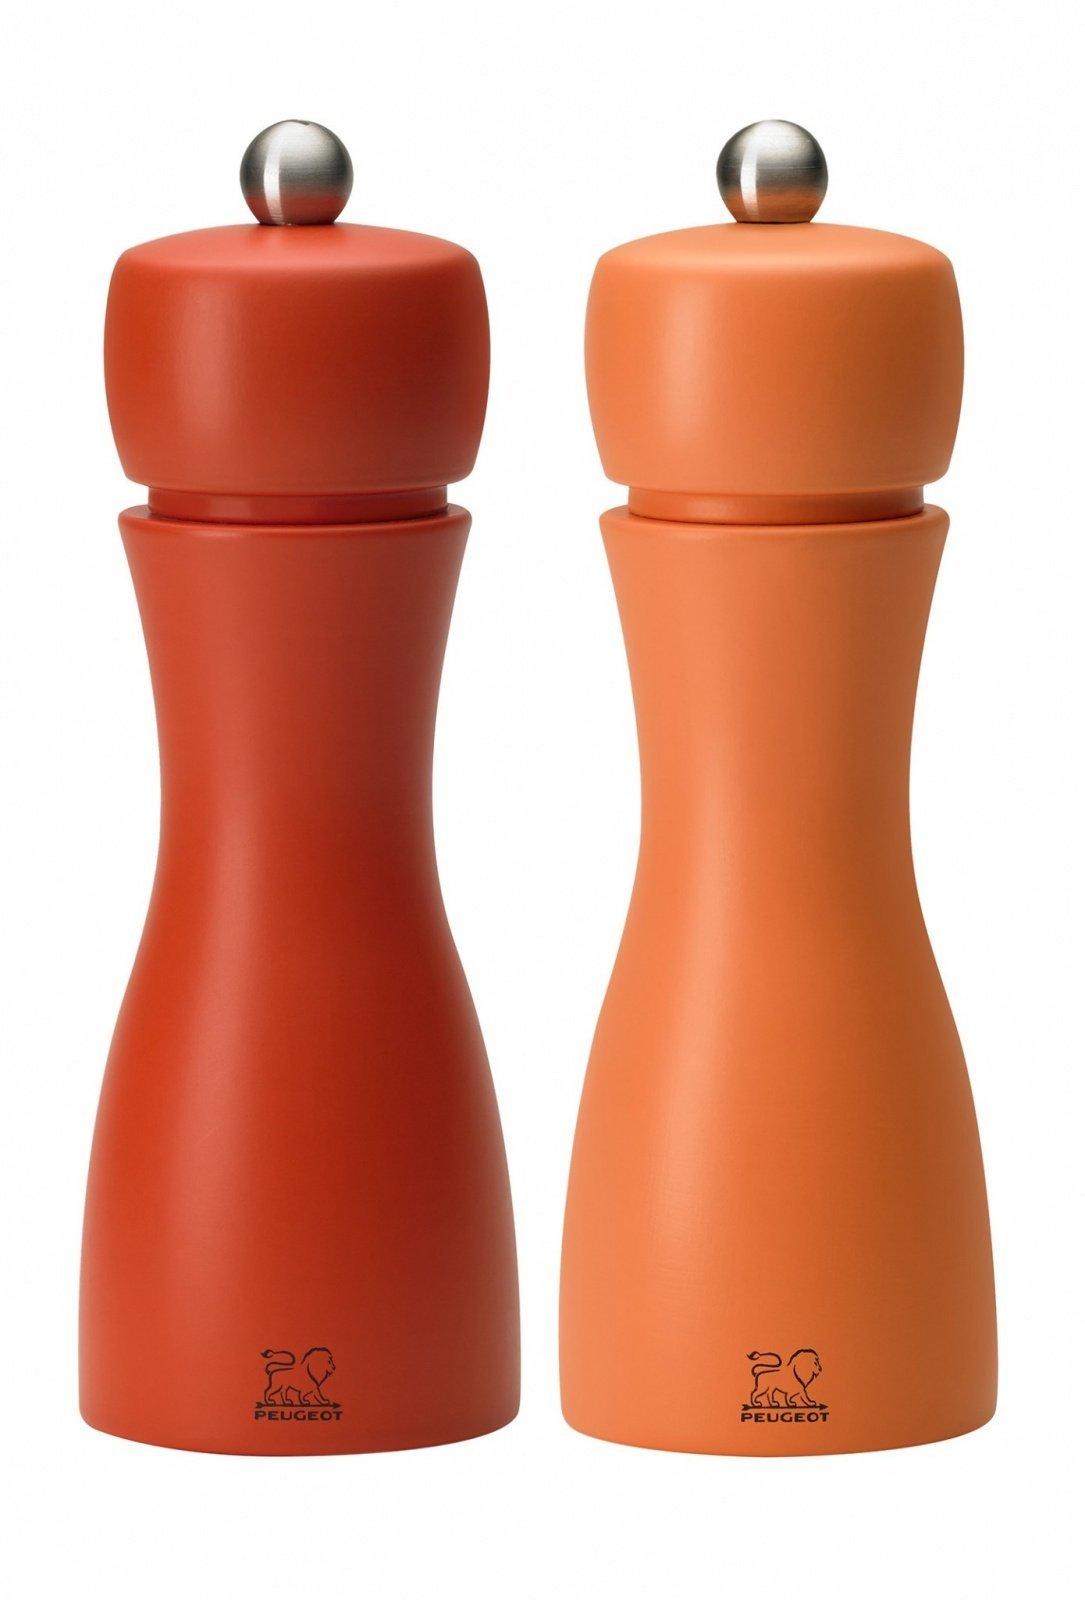 Набор мельниц Peugeot Tahiti для соли и перца, 15 см, коралловый+оранжевый 2/33286